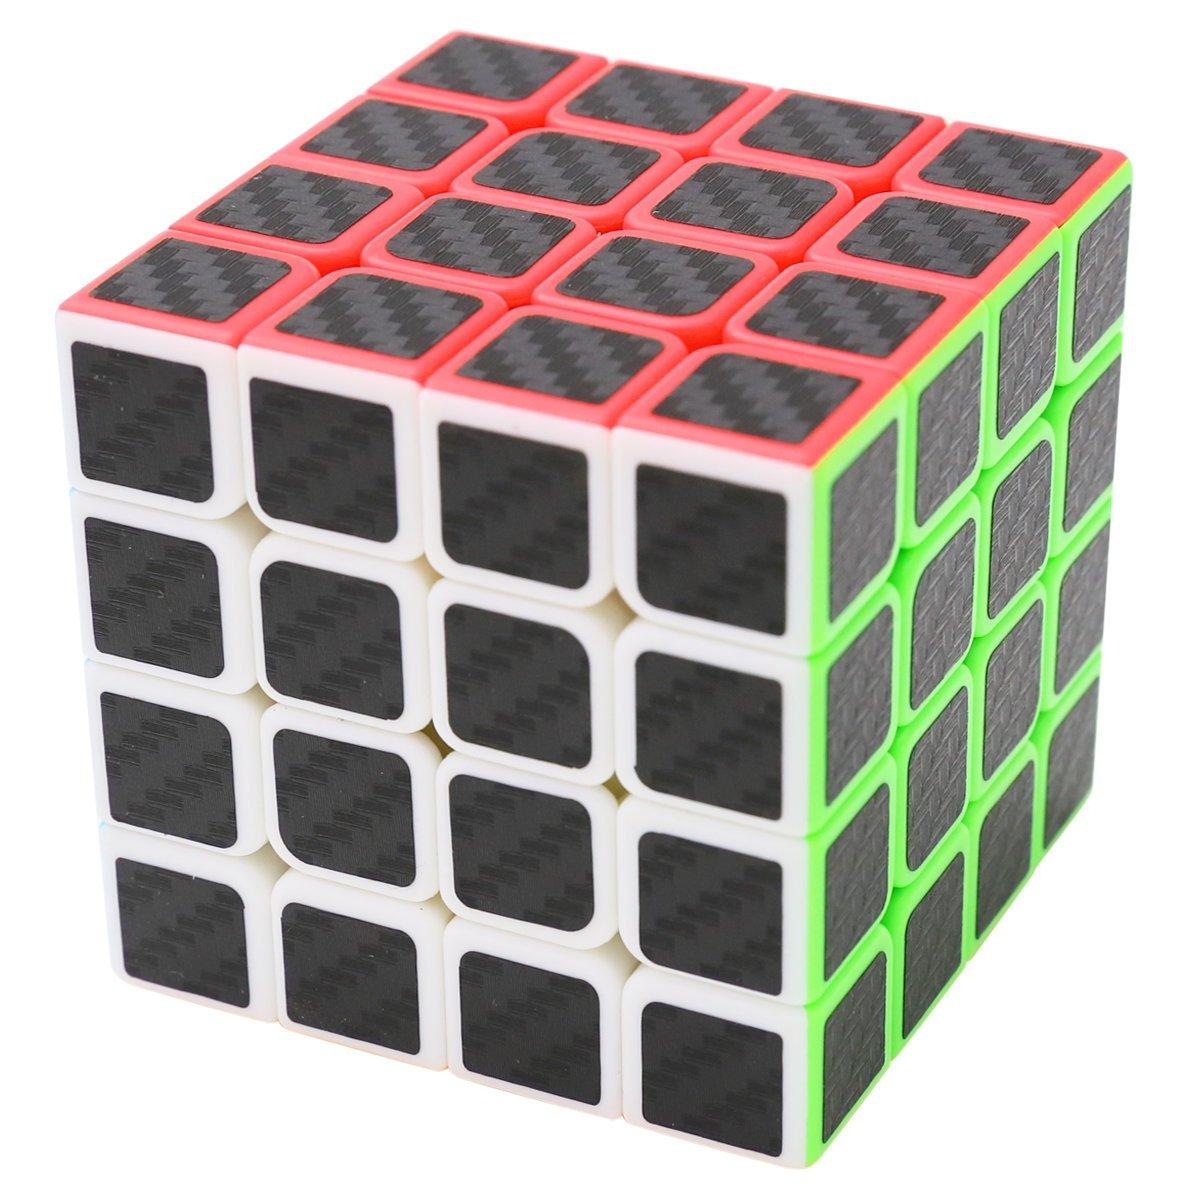 Zauberwürfel 2x2x2 Coolzon® Speed Cube Würfel Carbon Faser Aufkleber Neue Geschwindigkeits Super Schnell und Glatt